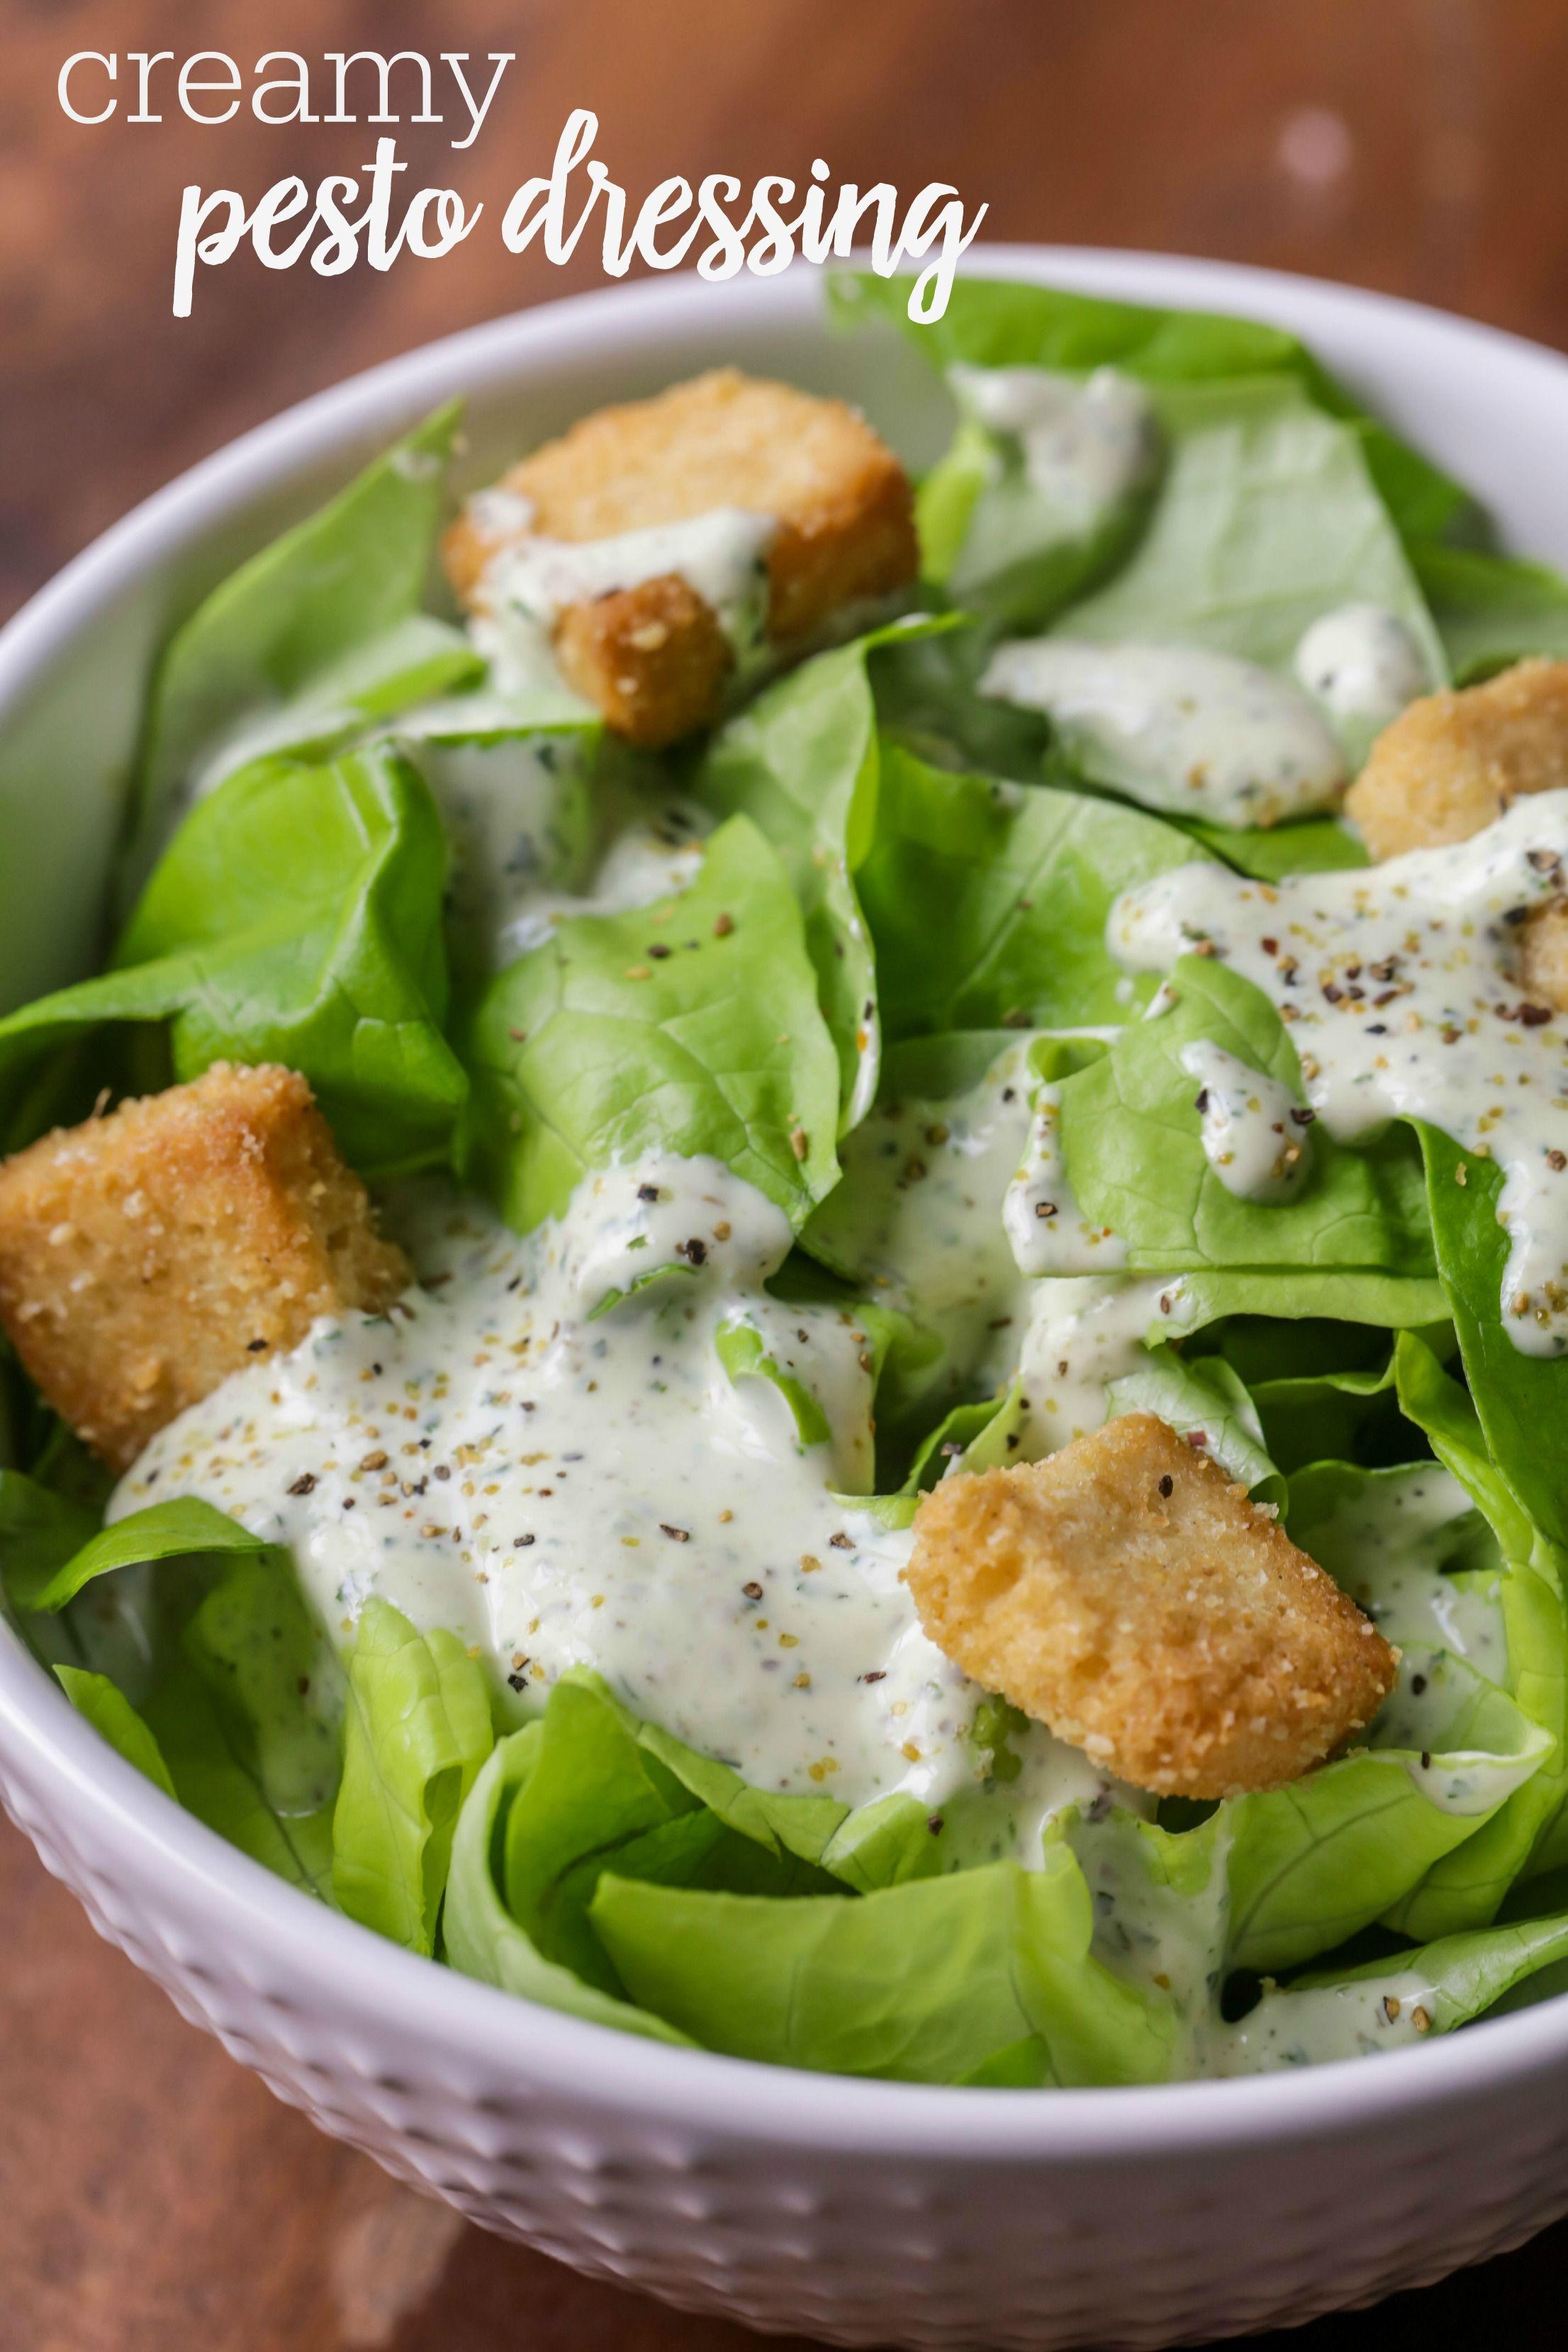 Pesto Salad Dressing Recipe 5 Ingredients 5 Minutes Lil Luna Recipe Pesto Dressing Salad Dressing Recipes Healthy Creamy Pesto